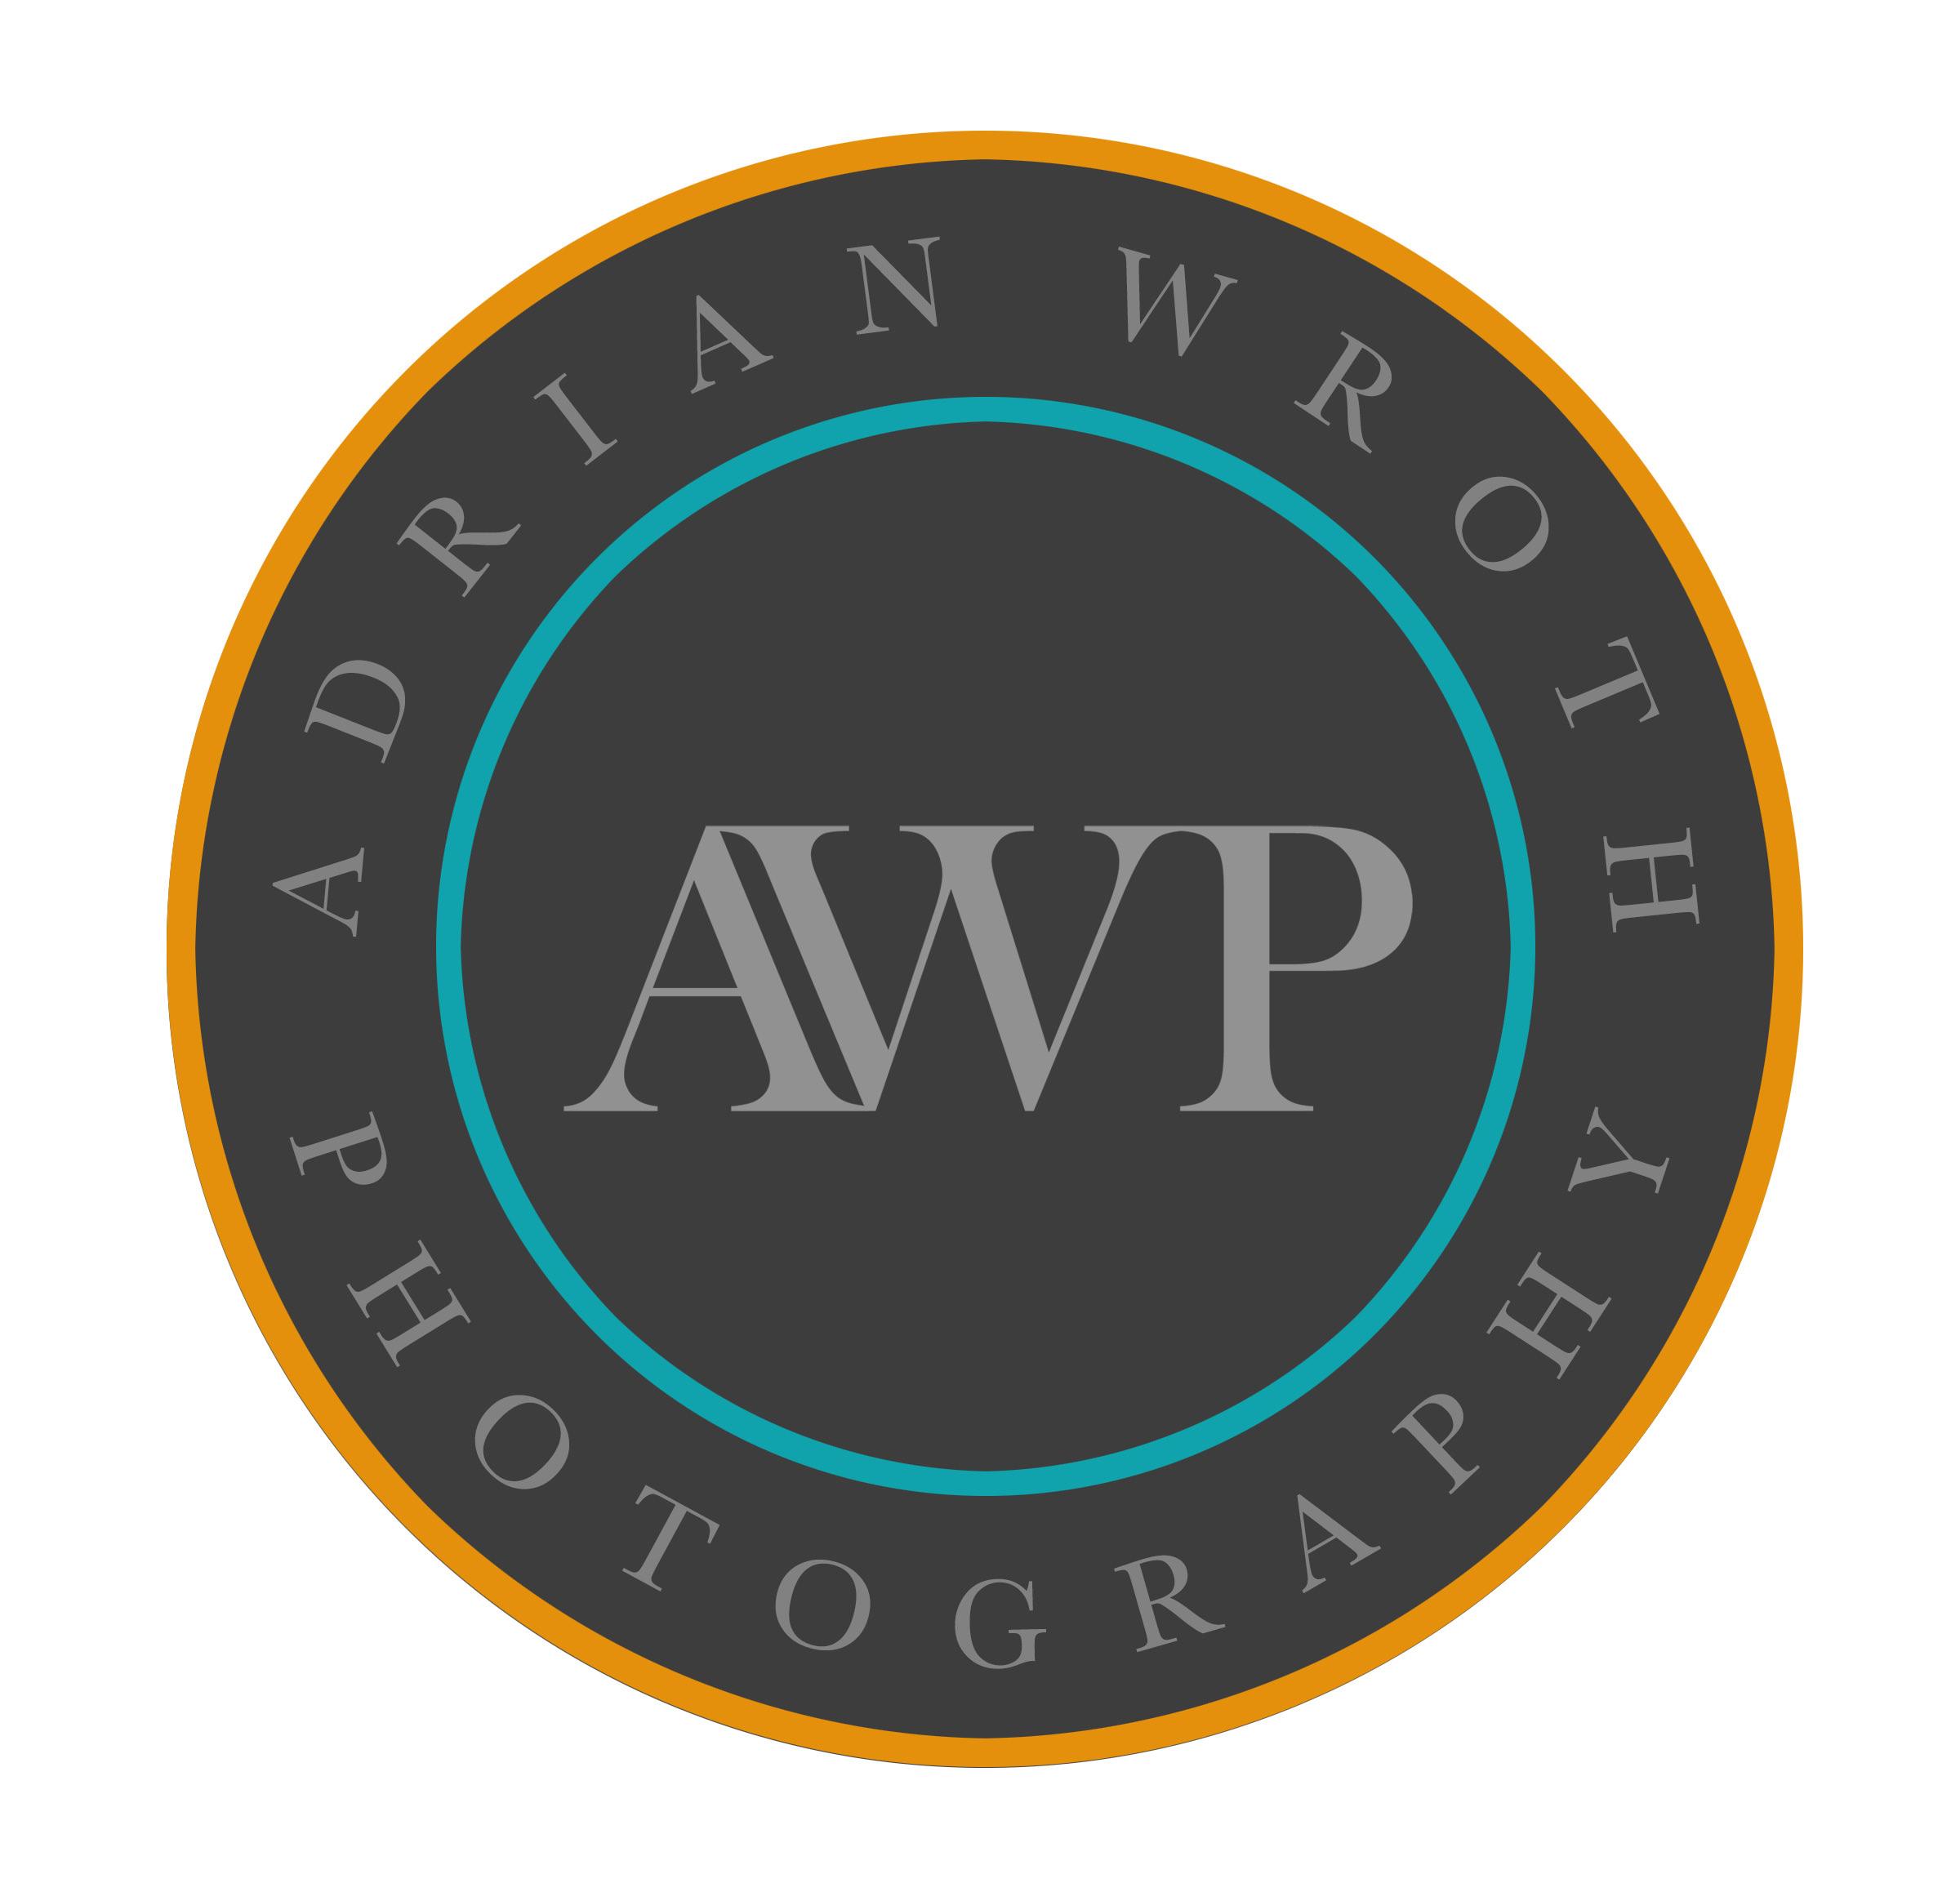 Adrian Wroth